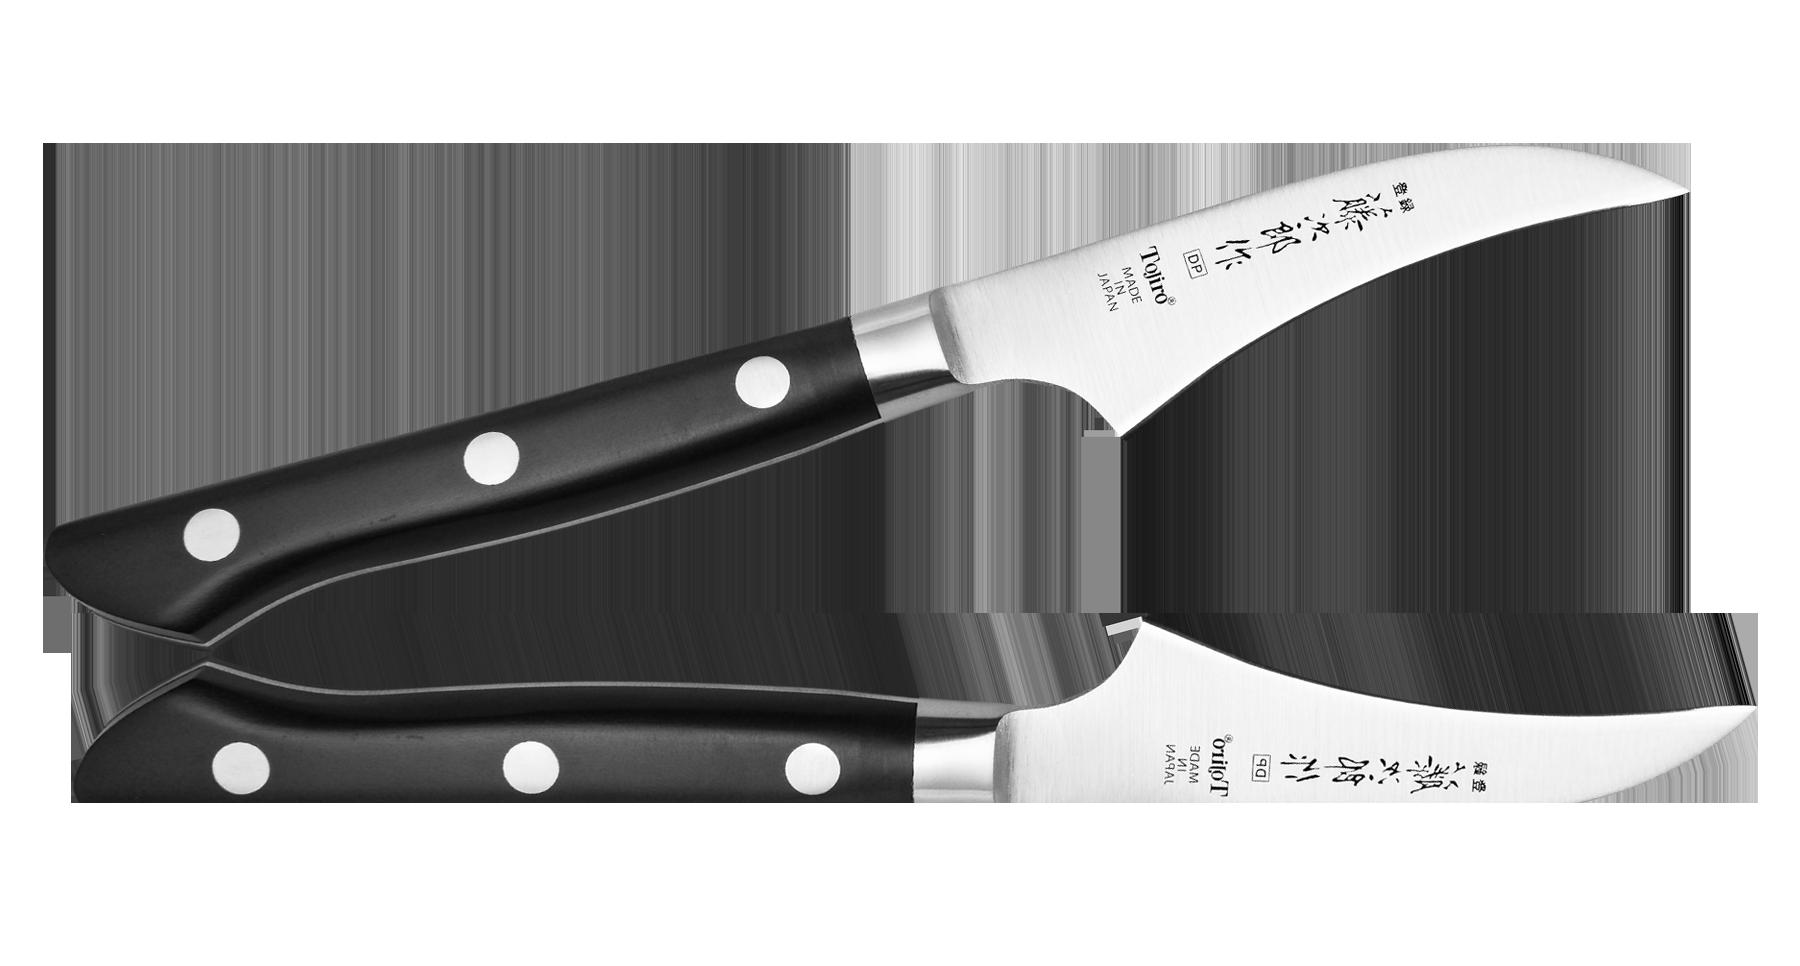 Нож для чистки овощей Western Knife Tojiro, 70 мм, сталь VG-10 нож для чистки овощей tojiro flash 70 мм сталь vg 10